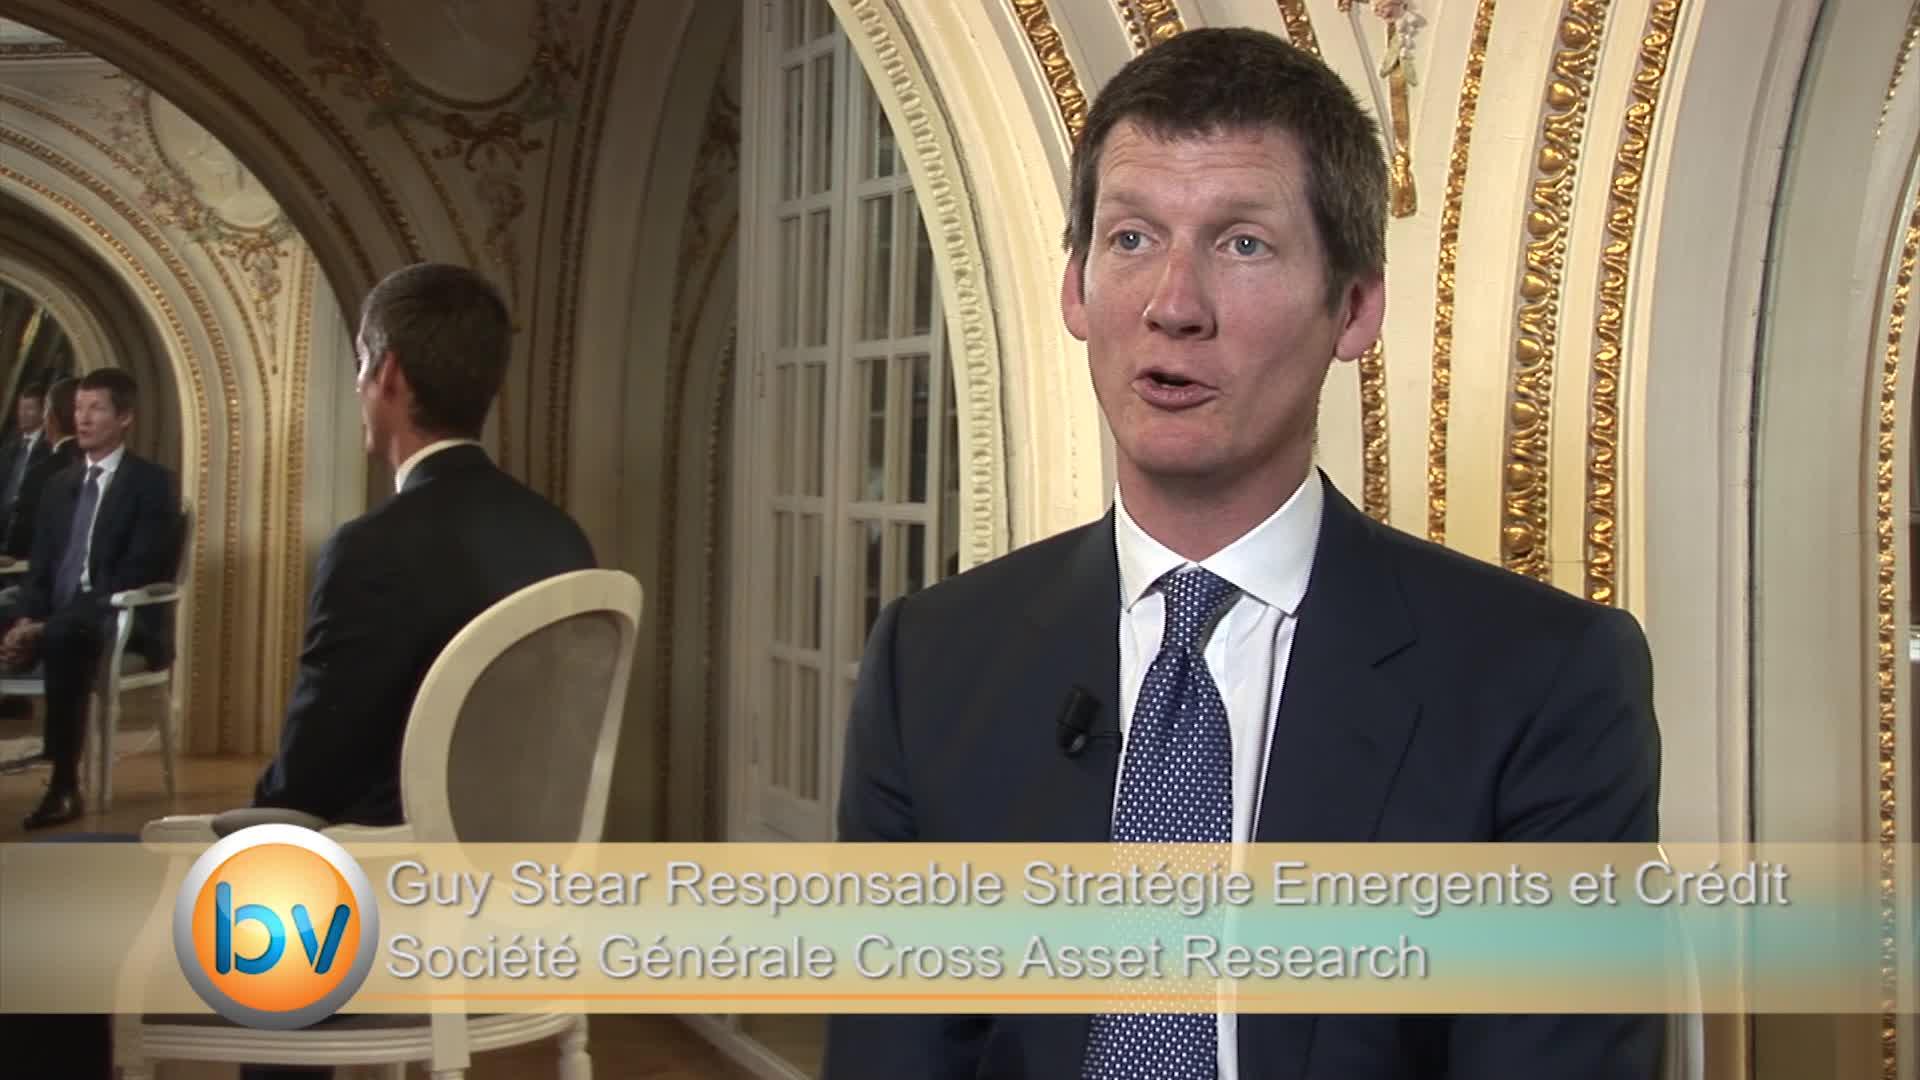 Guy Stear Responsable Stratégie Émergents et Crédit Société Générale Cross Asset Research : «La question, c'est pas la Grèce en soi, c'est qui peut être le prochain ?»